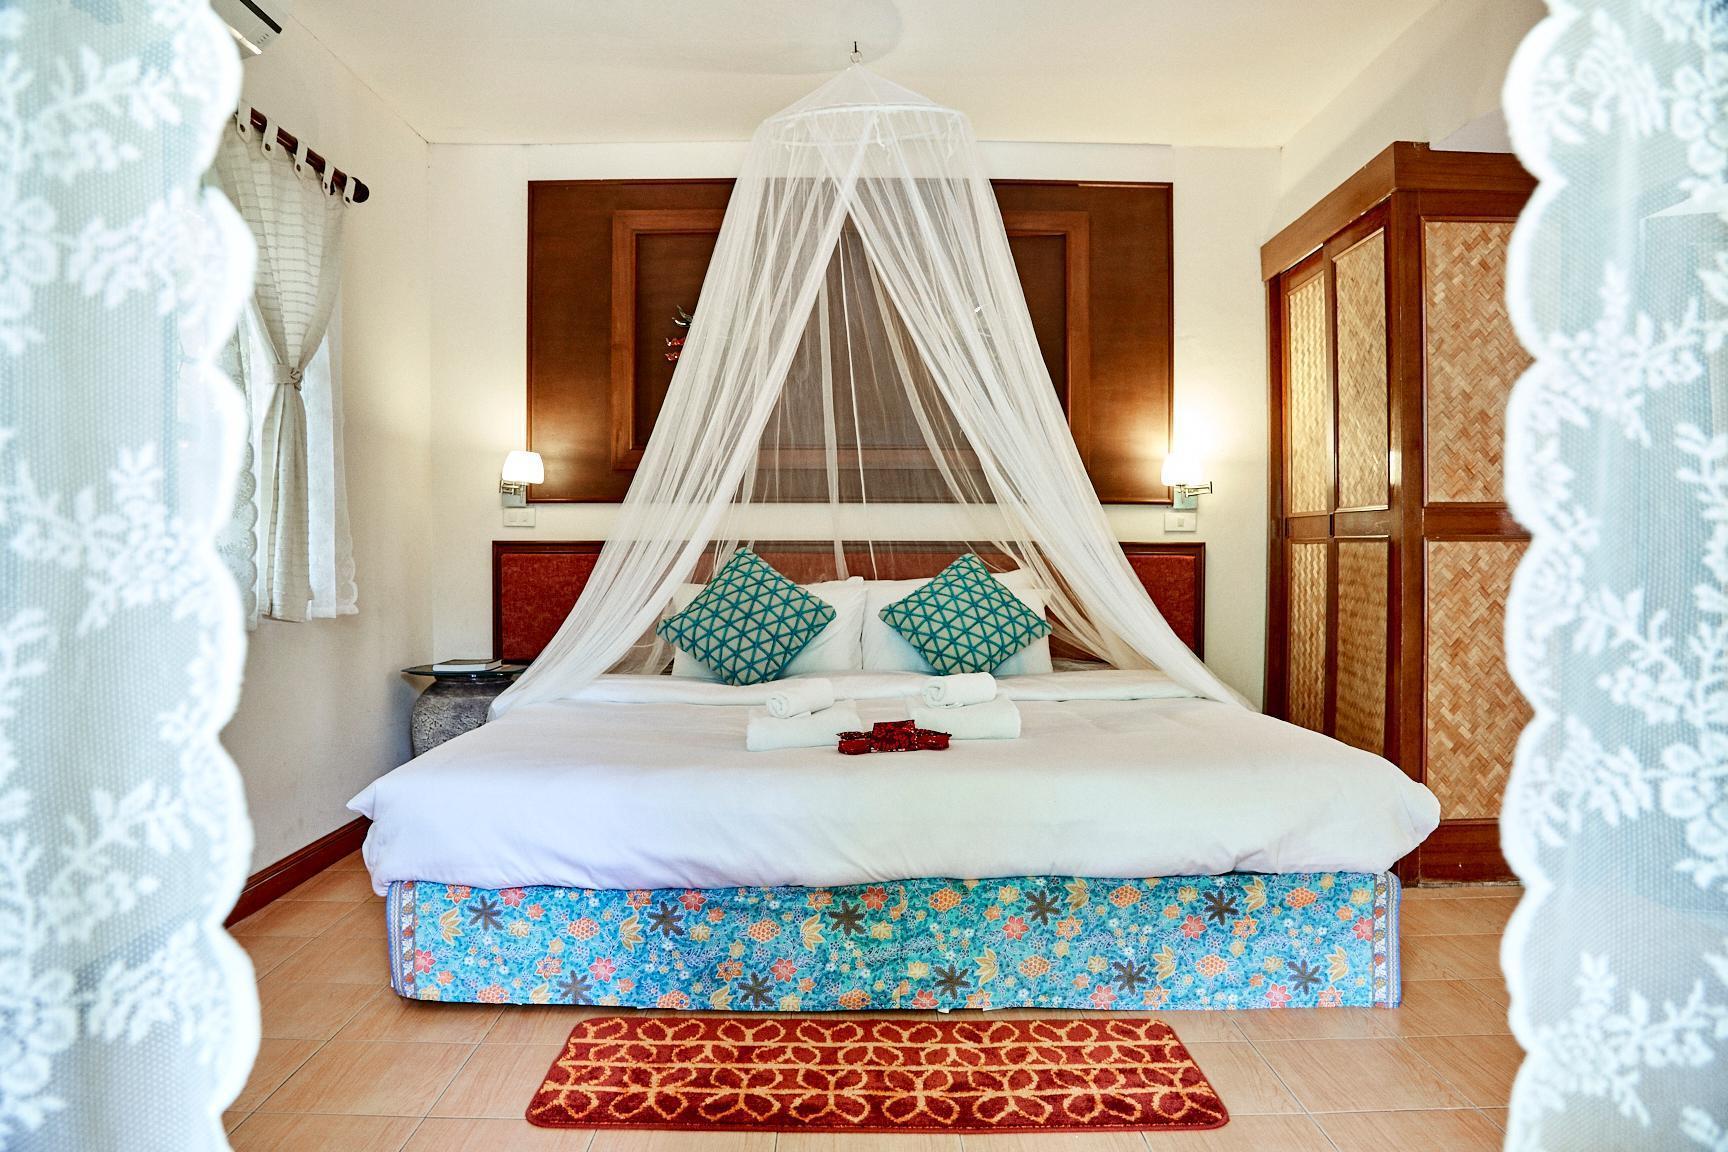 Natural Wing Health Spa & Resort เนเชอรัล วิง เฮลท์ สปา แอนด์ รีสอร์ท